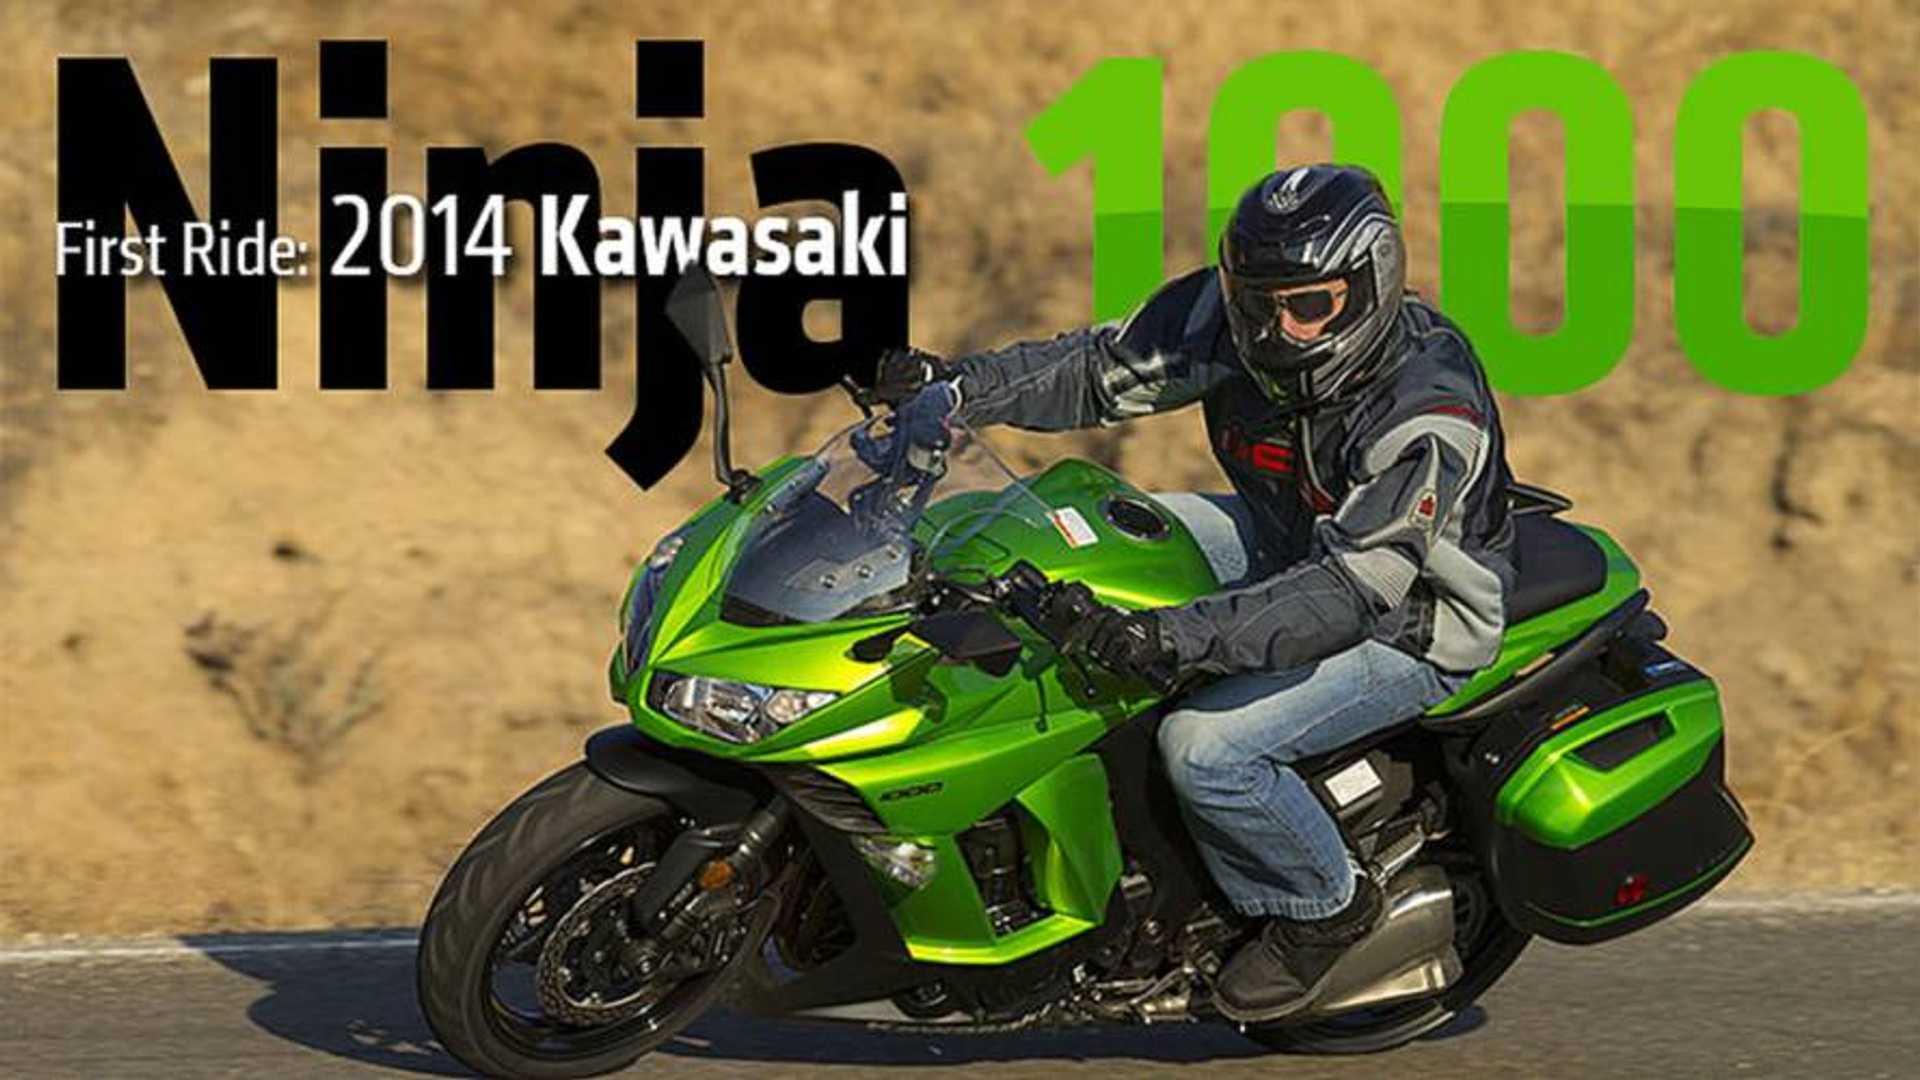 2014 Kawasaki Ninja 1000 Abs Review